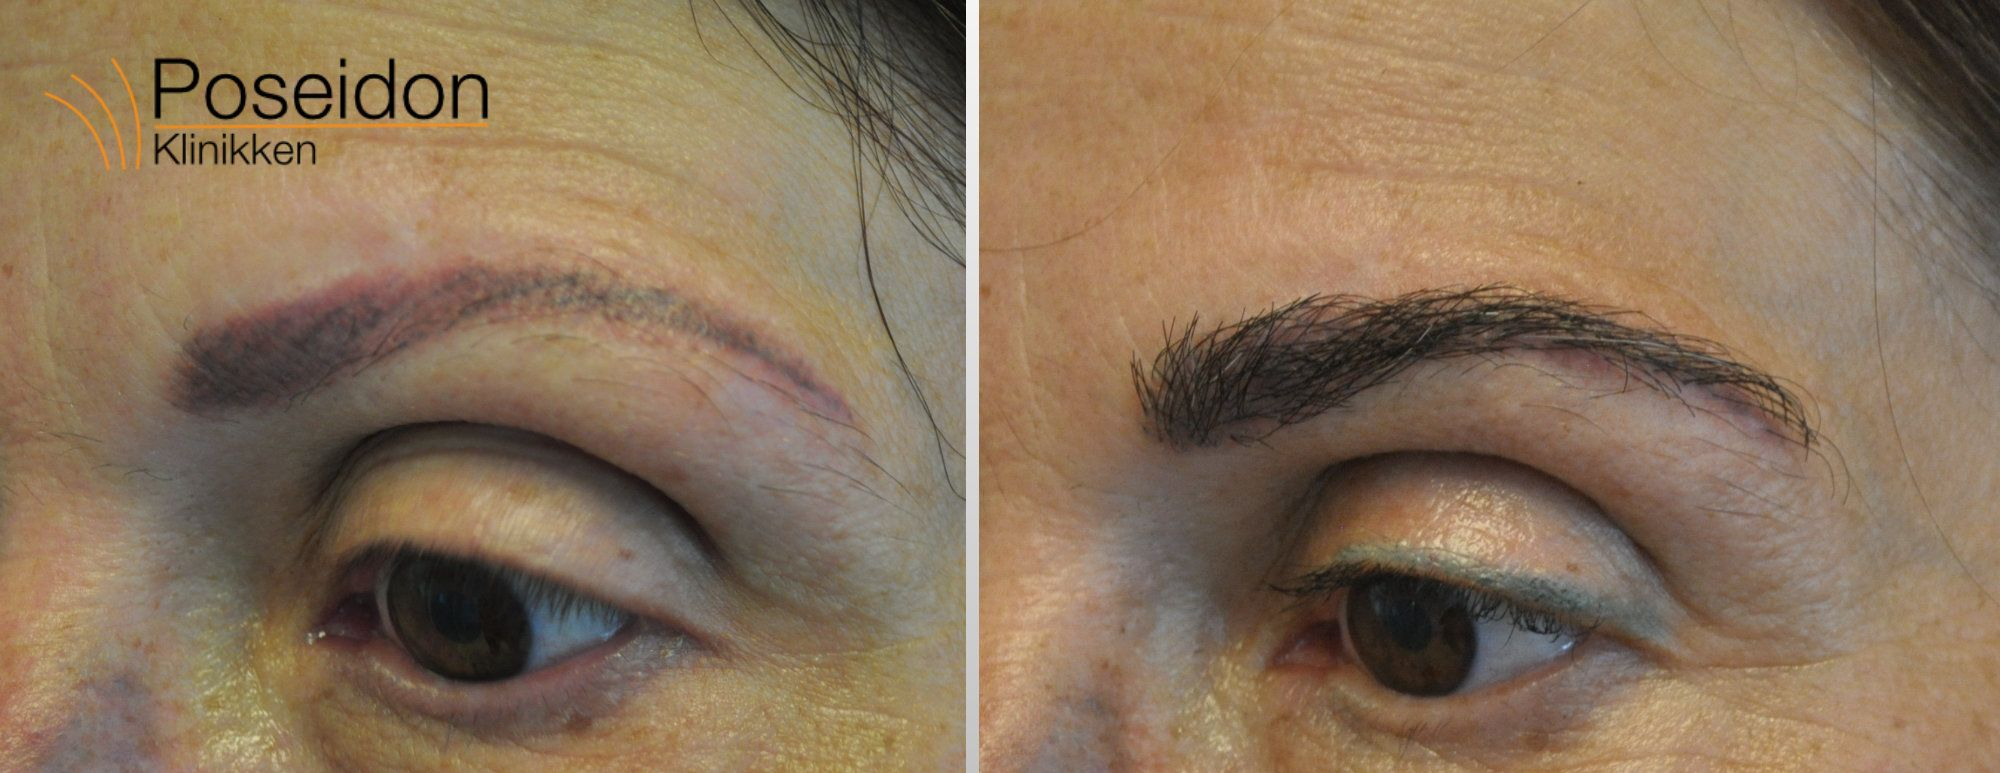 øjenbrynstransplantation foer og efter